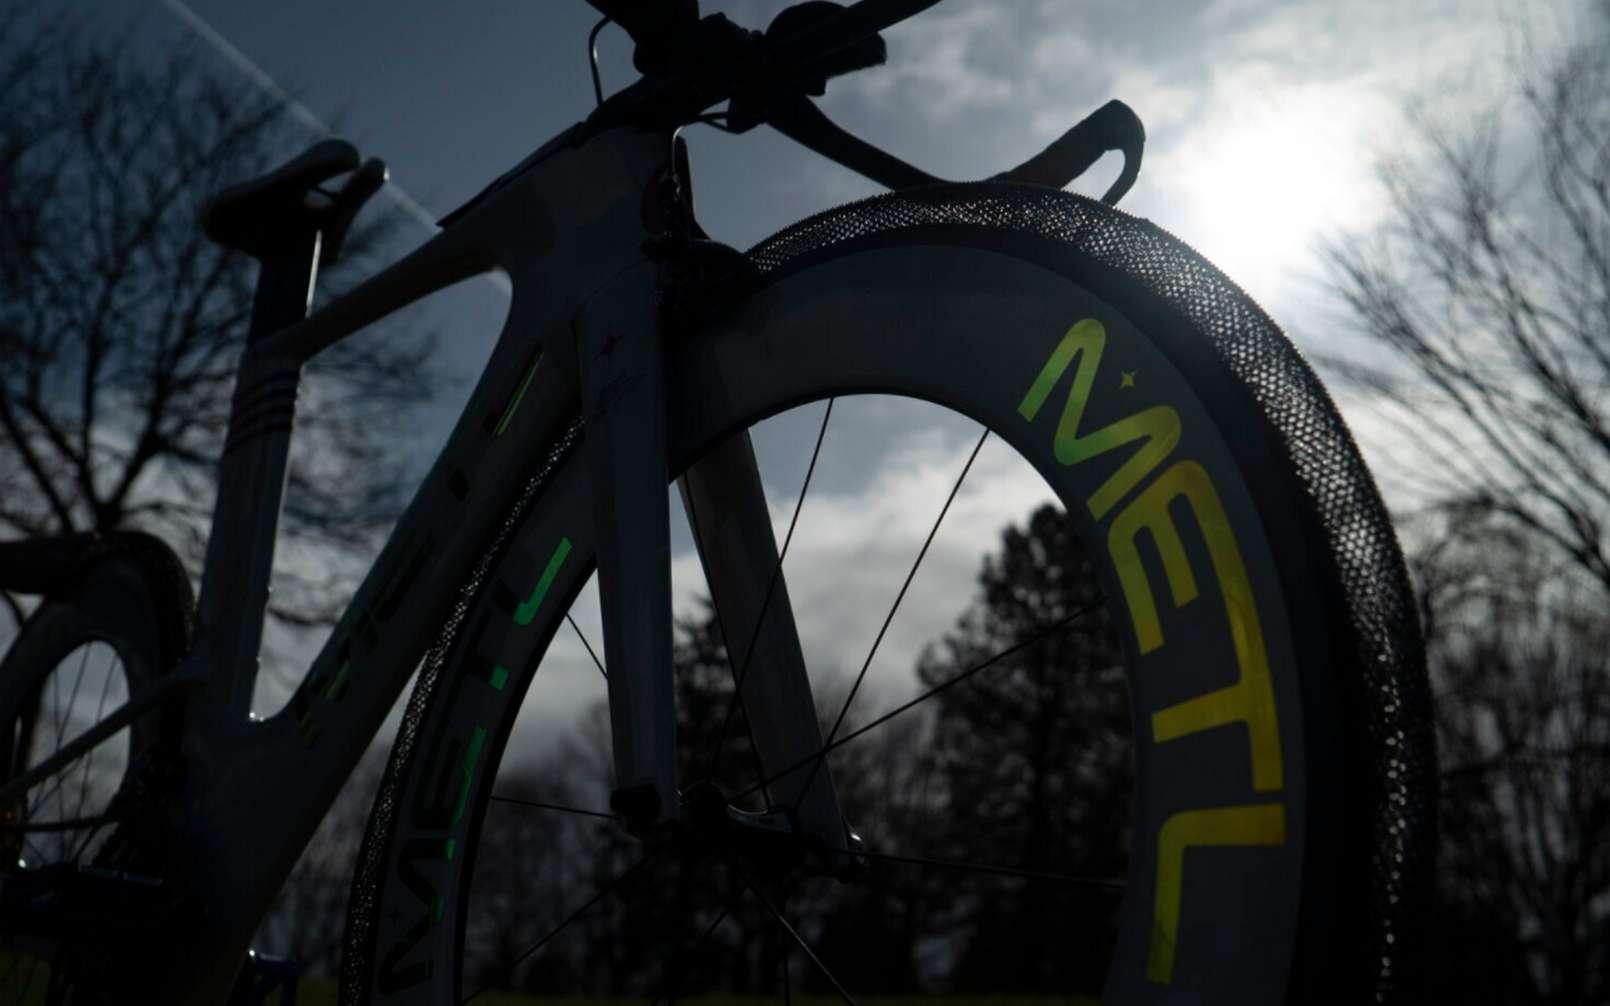 Le pneu Metl est directement dérivé des travaux de la Nasa. © The SMART Tire Company